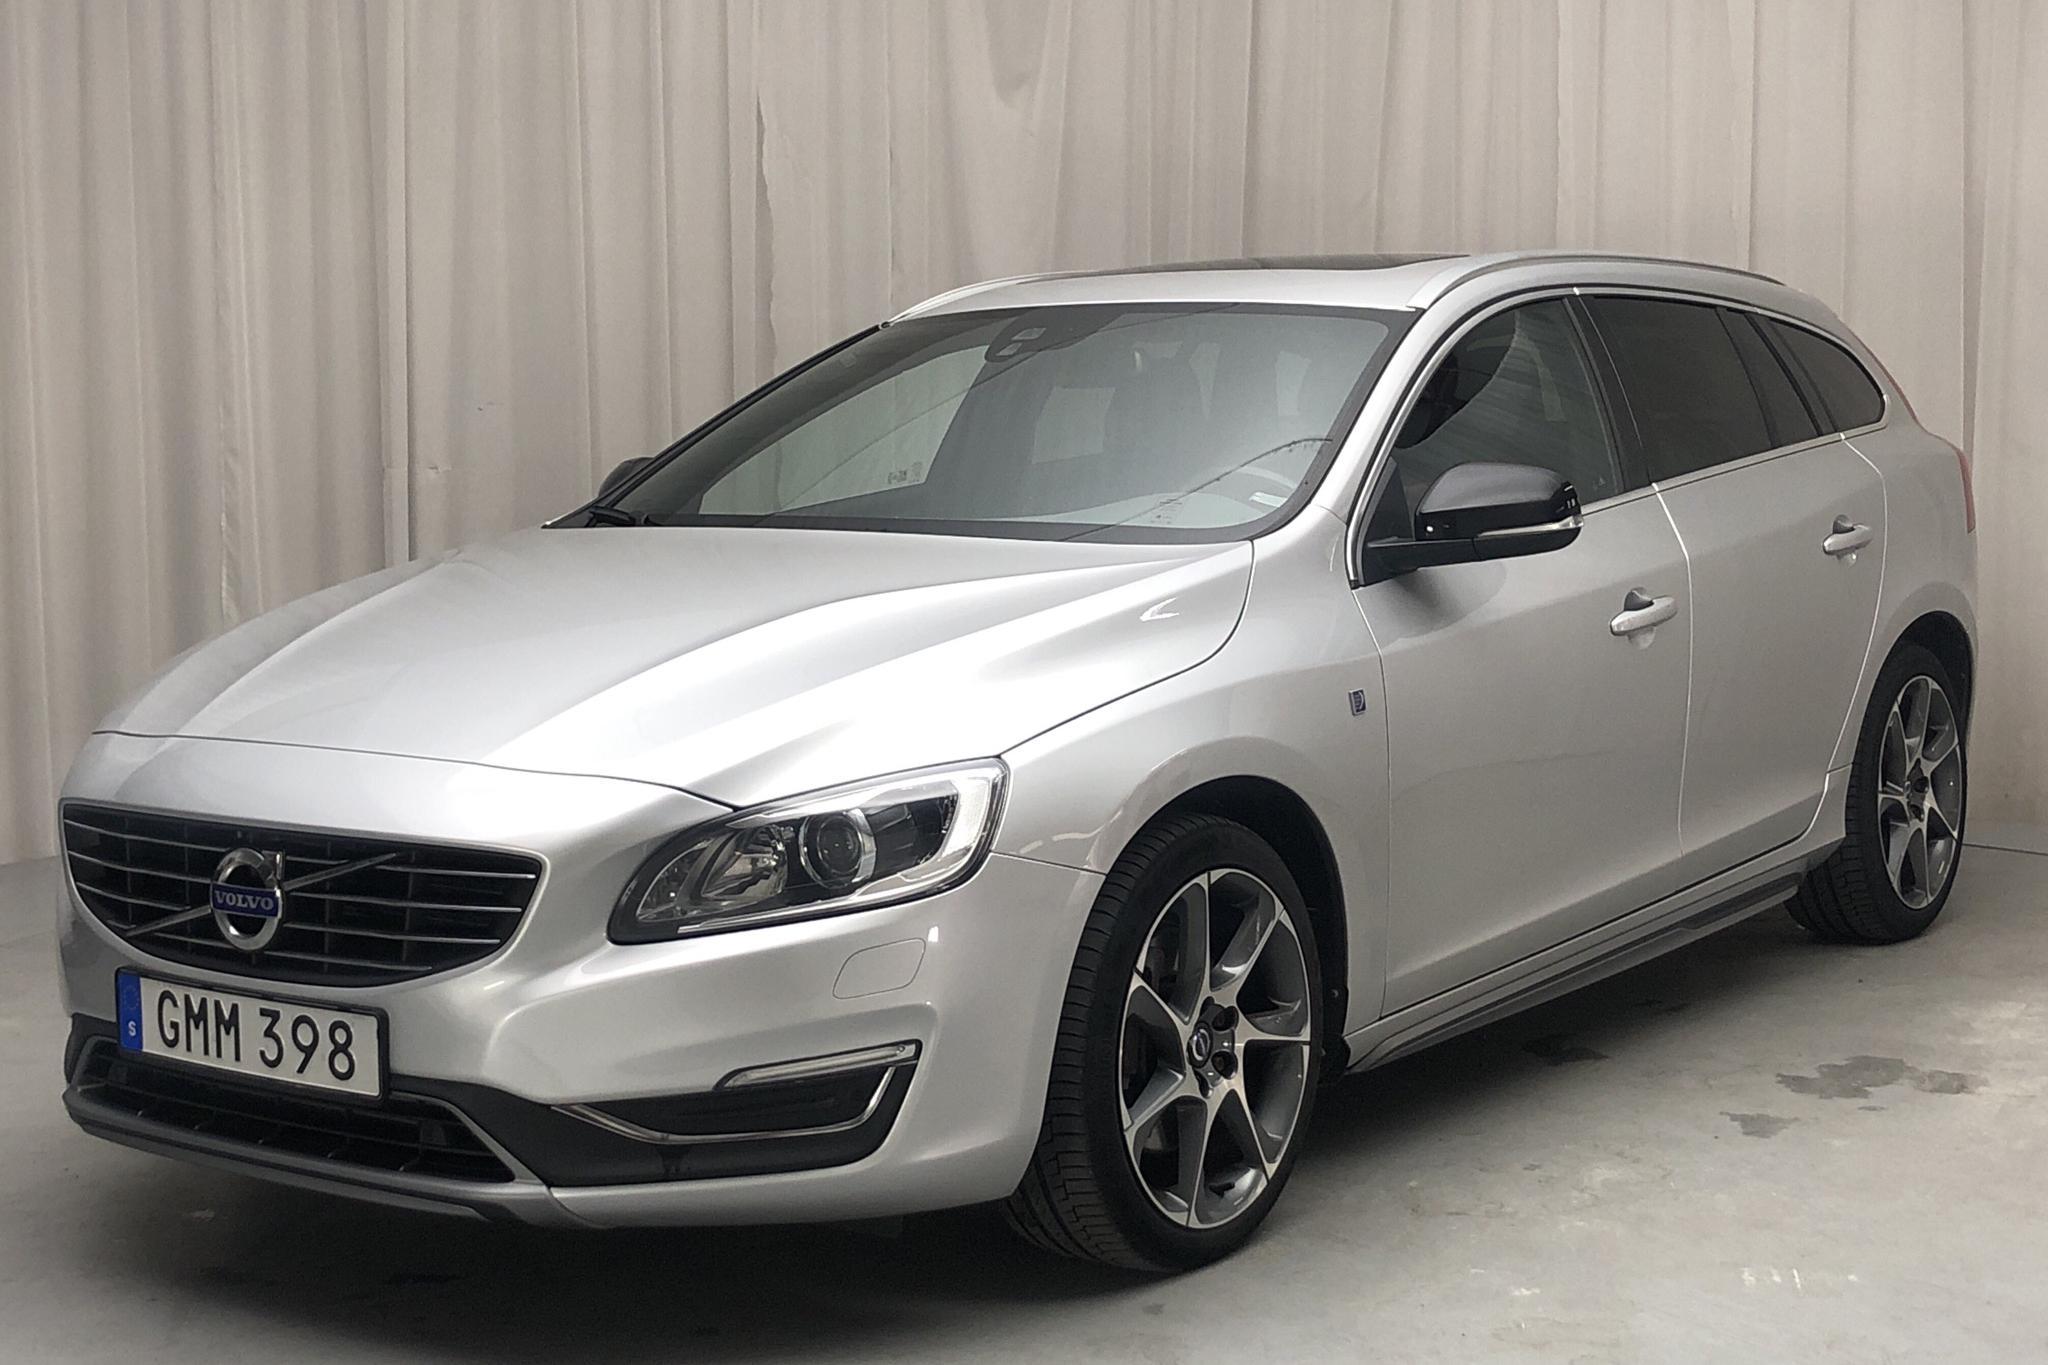 Volvo V60 D4 AWD (181hk) - 136 390 km - Automatic - silver - 2015